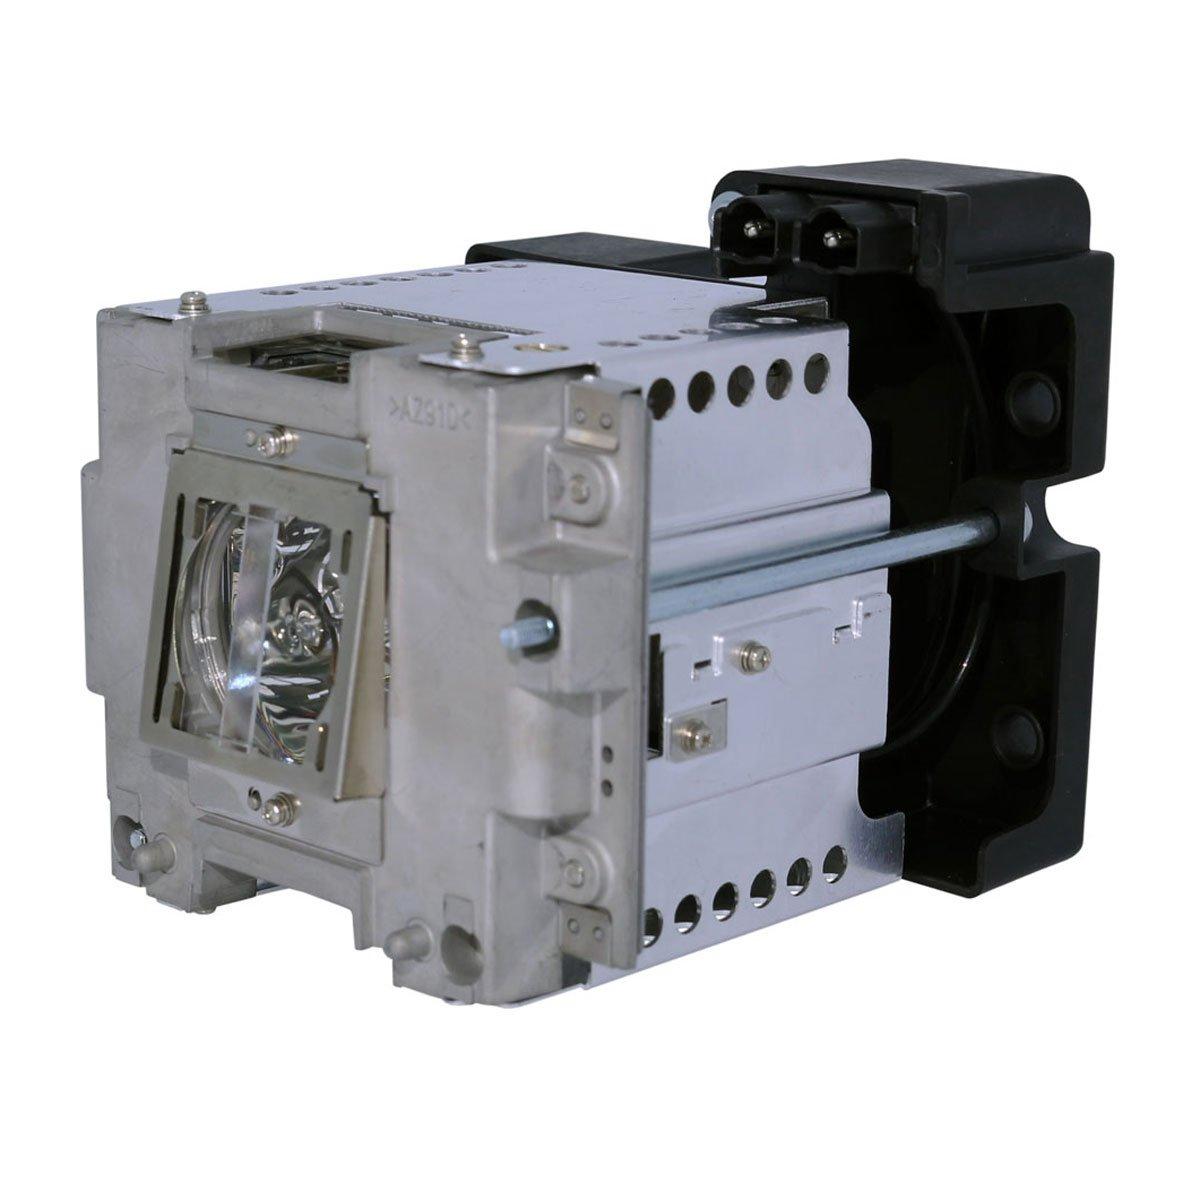 Osram オリジナル プロジェクター交換用ランプ Barco PHWX-81B用 Platinum (Brighter/Durable) Platinum (Brighter/Durable) Lamp with Housing B07L29YZSL